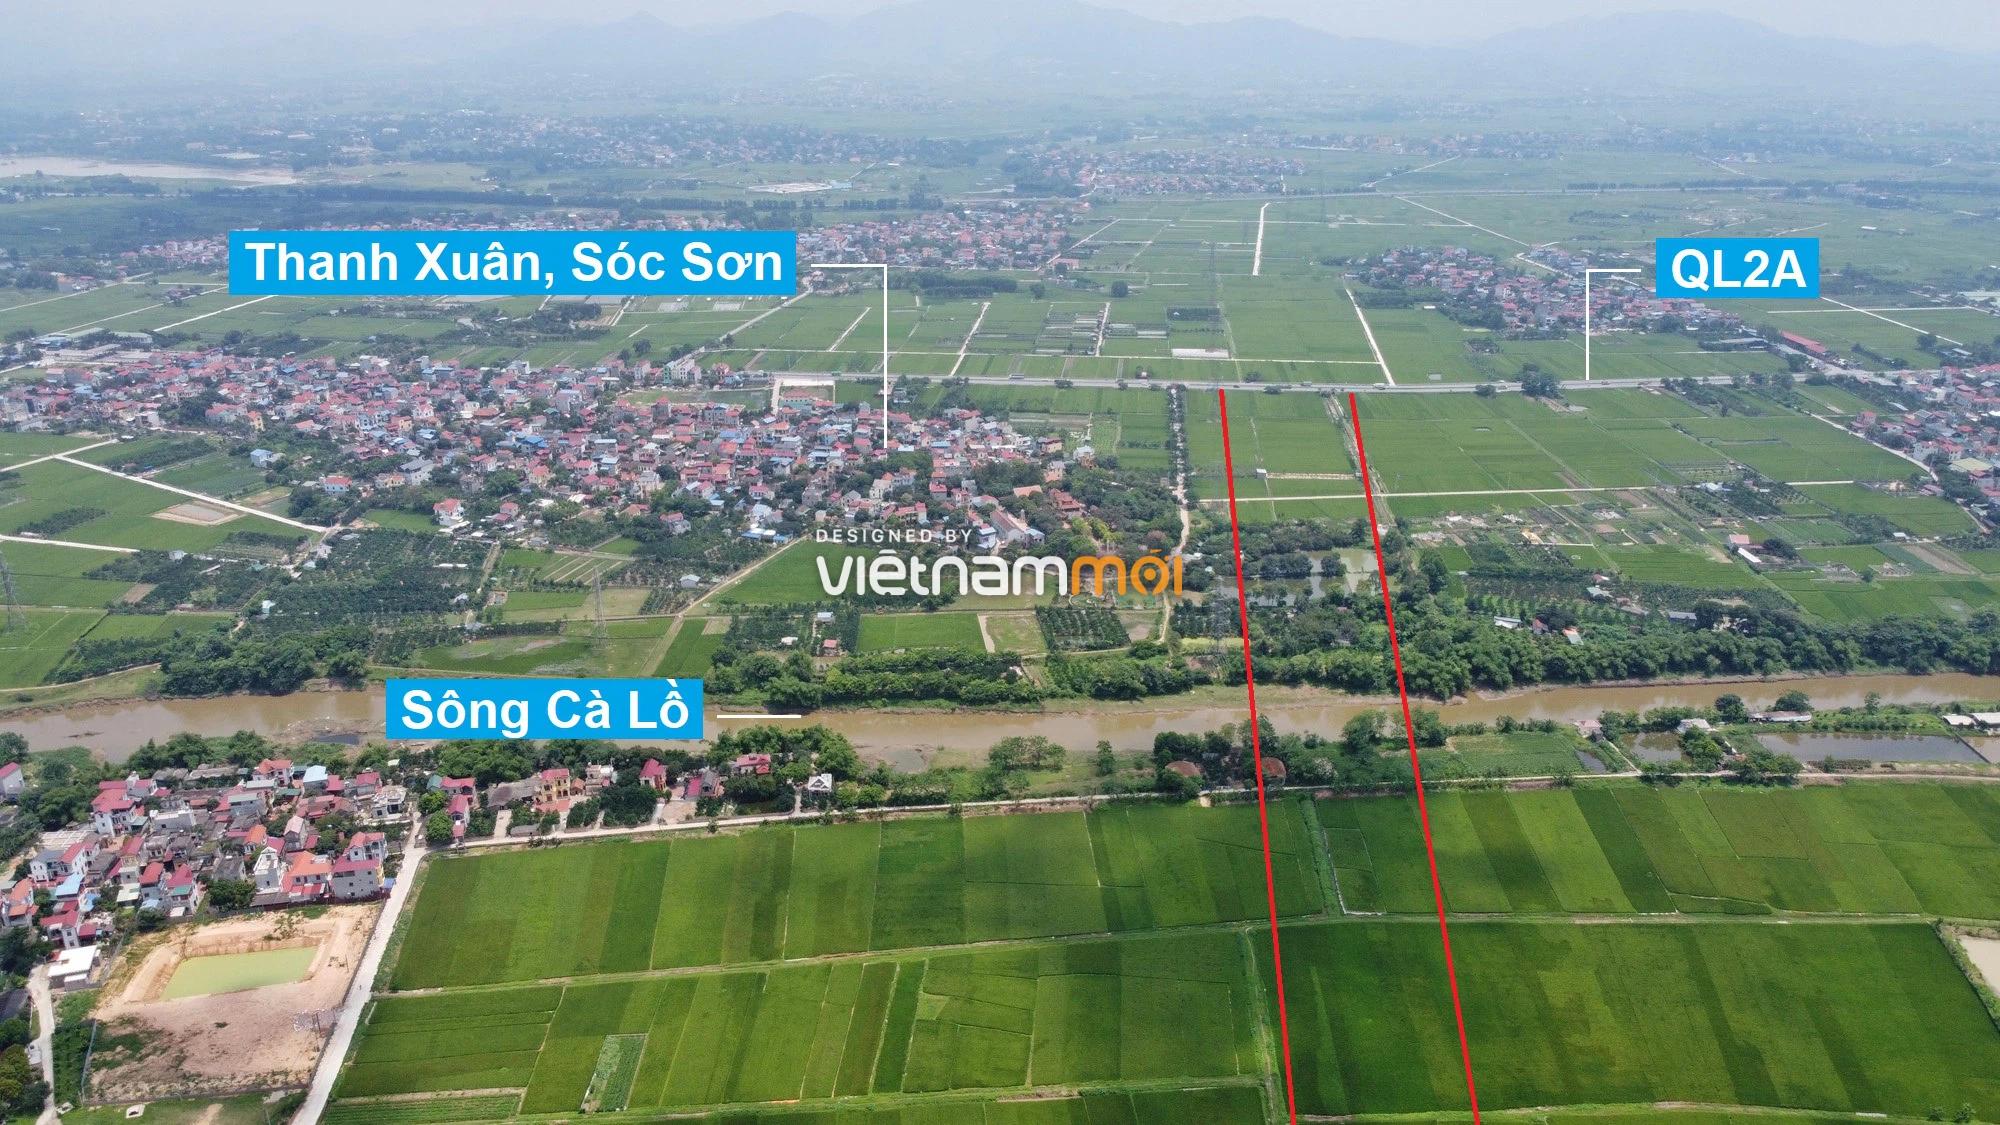 Đường Vành đai 4 sẽ mở theo quy hoạch qua huyện Mê Linh, Hà Nội - Ảnh 16.